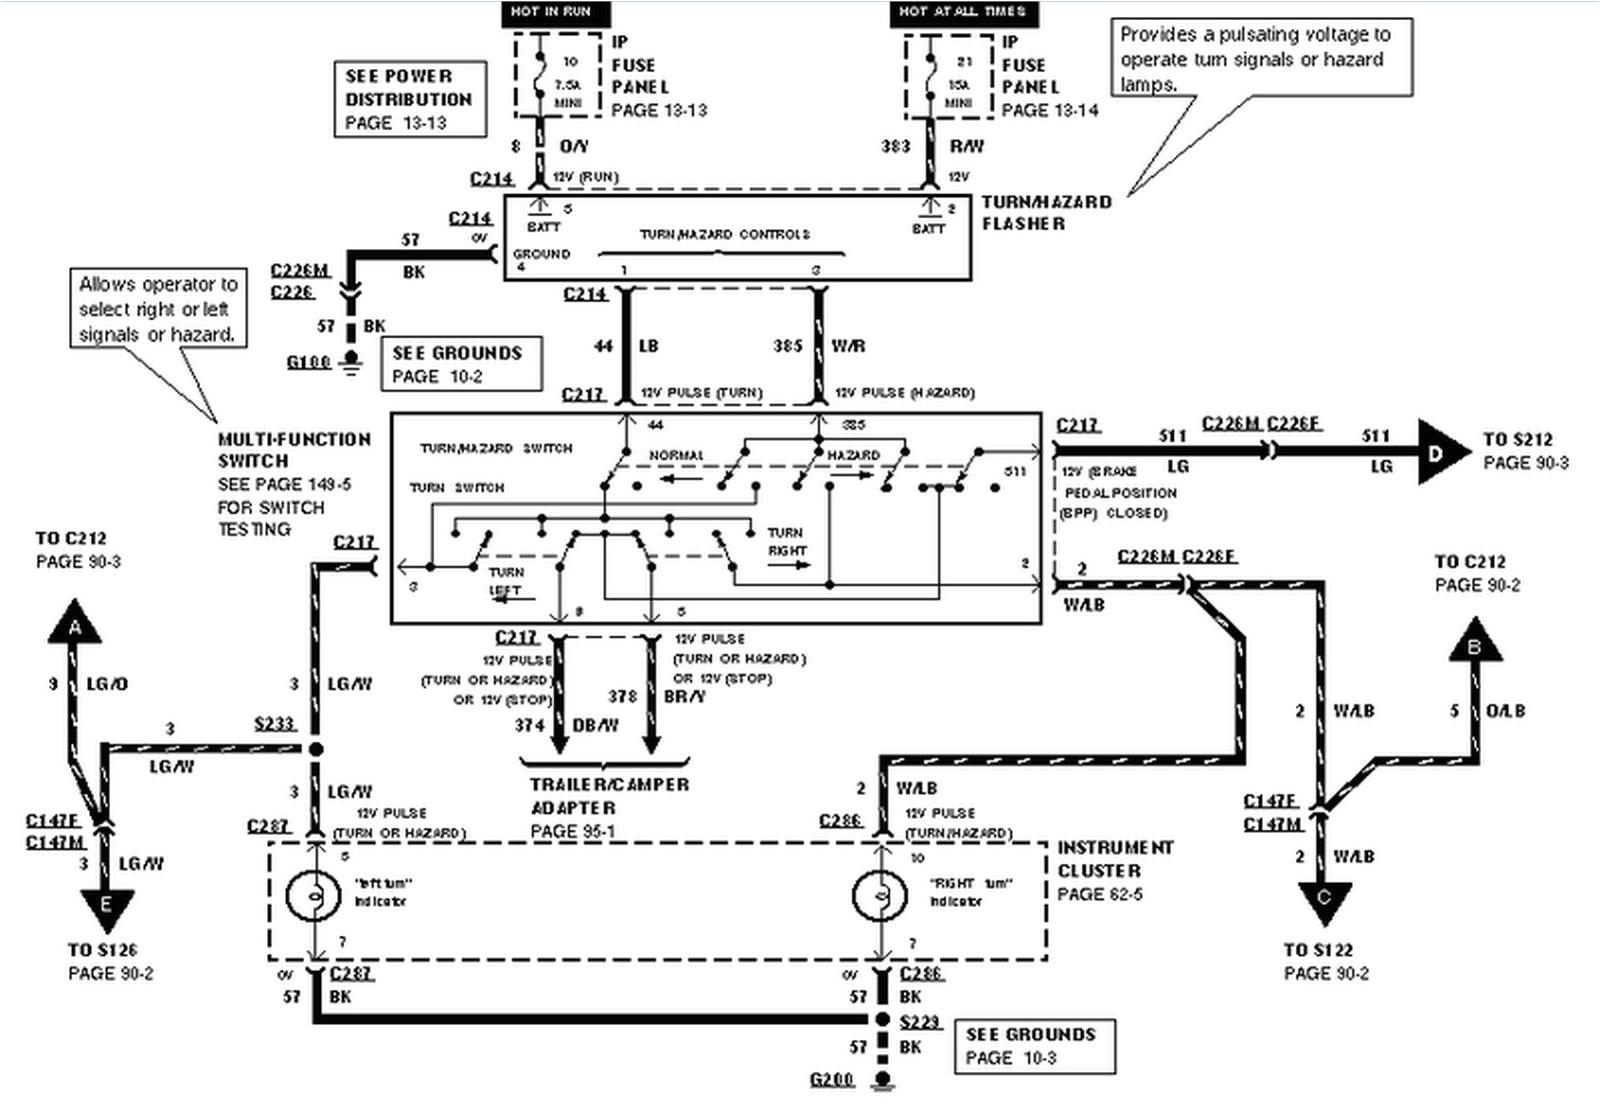 Auto Crane 6006 Wiring Diagram Wire Diagram for Auto Crane Wiring Diagram Official